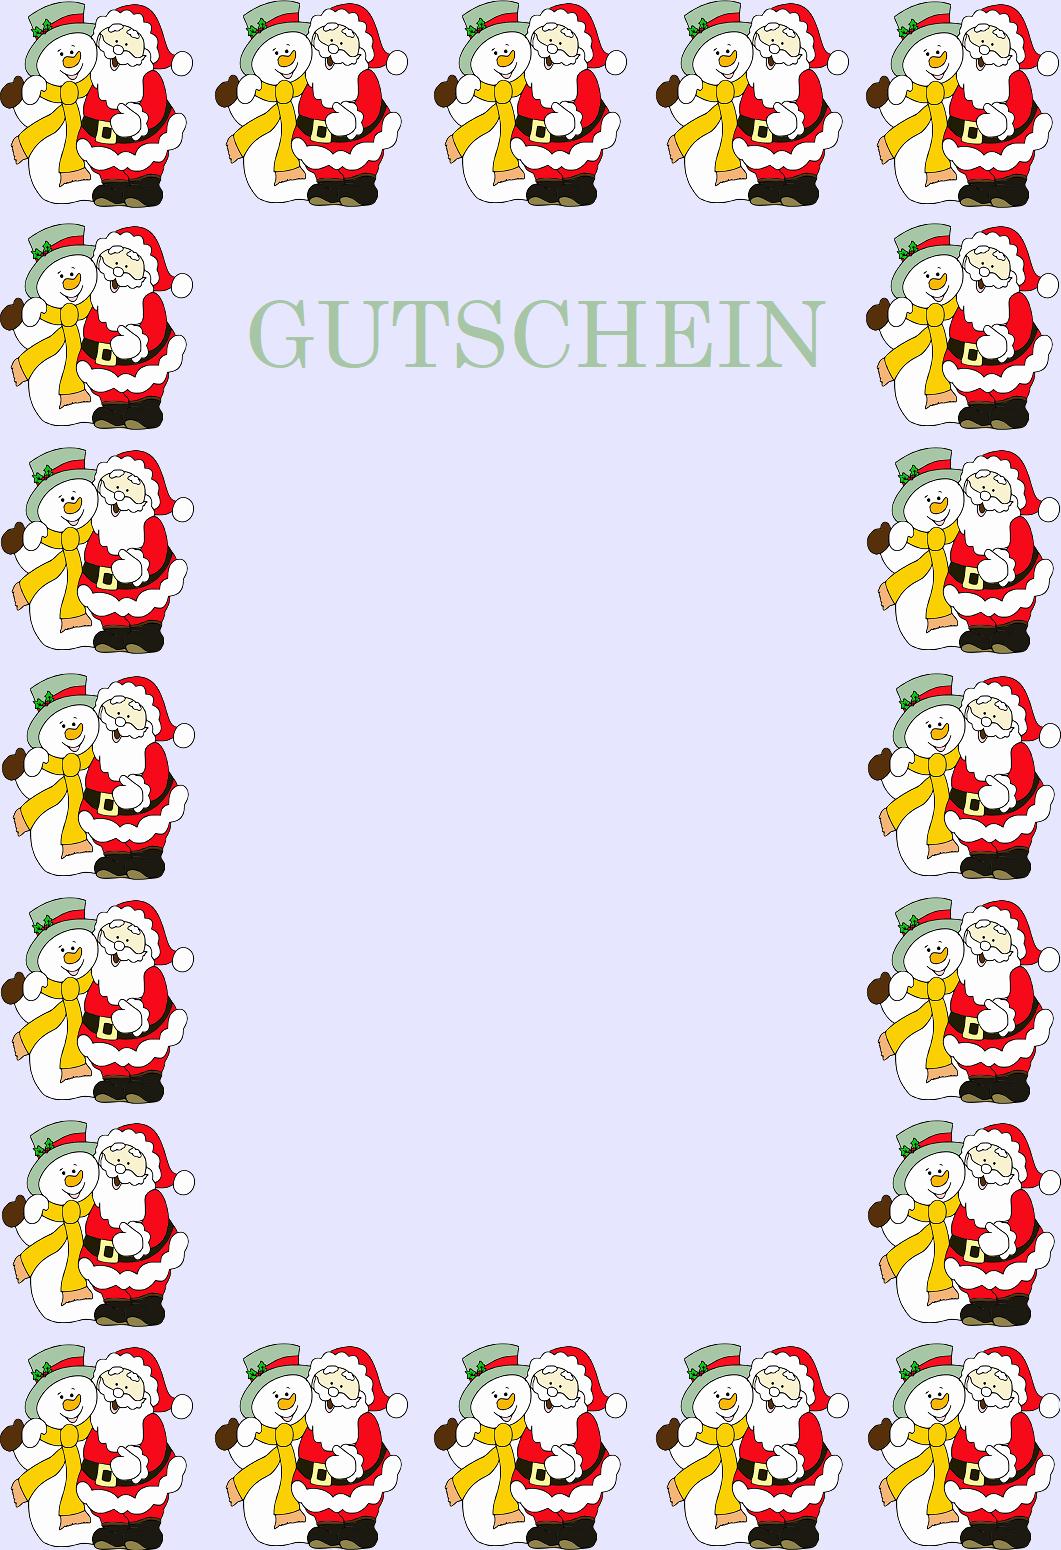 Gutscheinvorlagen Zu Weihnachten - Gutscheinspruch.de über Weihnachts Vorlagen